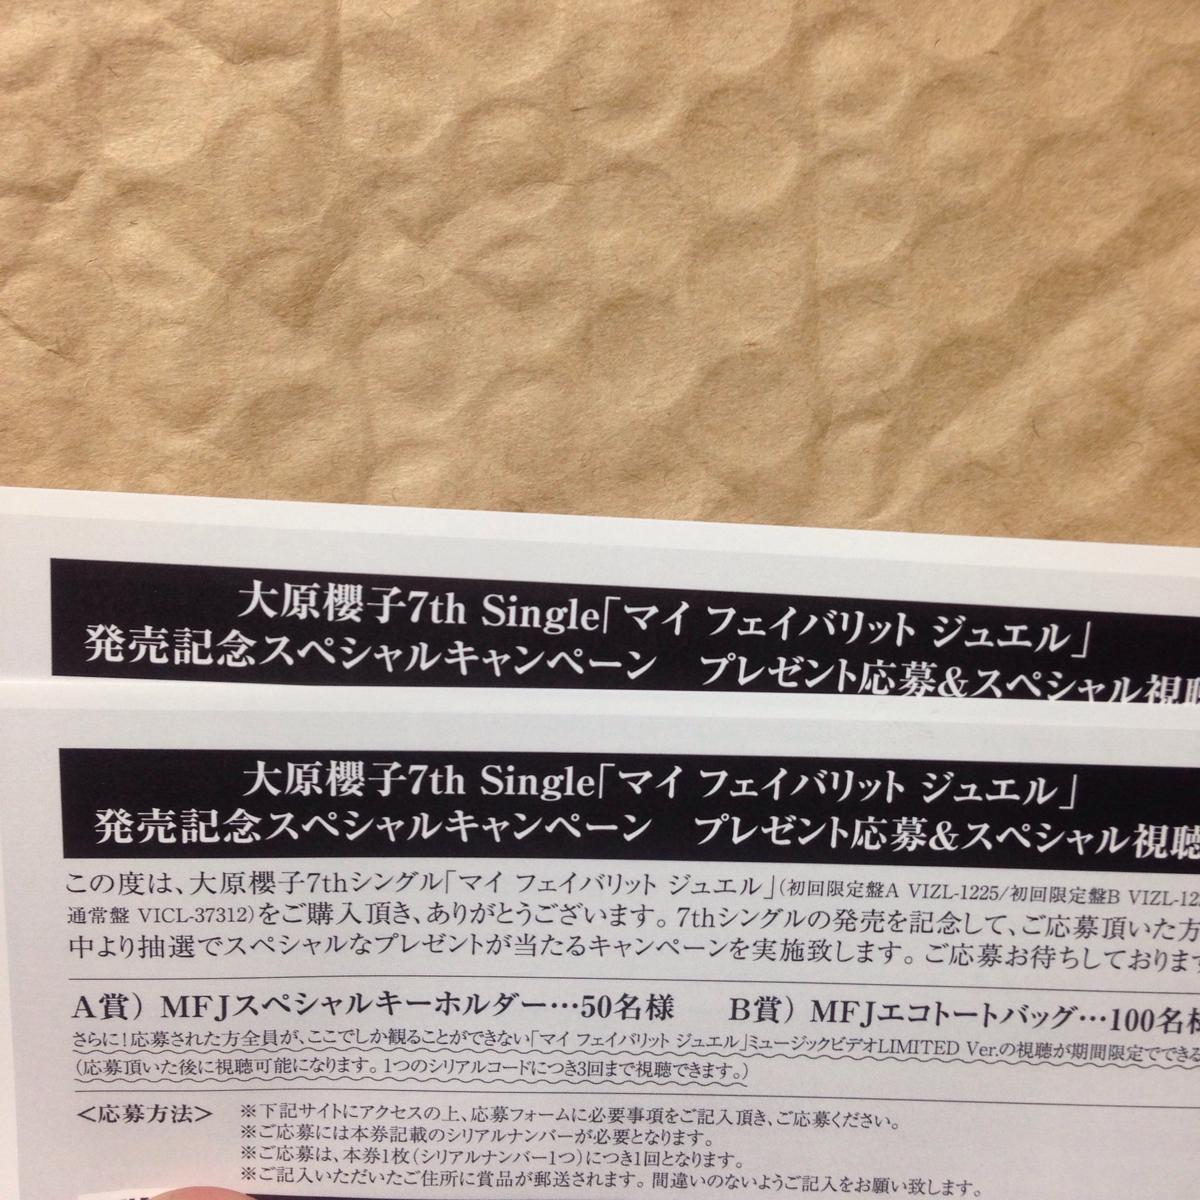 大原櫻子 マイフェイバリットジュエル 封入 シリアルコード 2枚 プレゼント応募 zeppツアー先行予約 グッズの画像